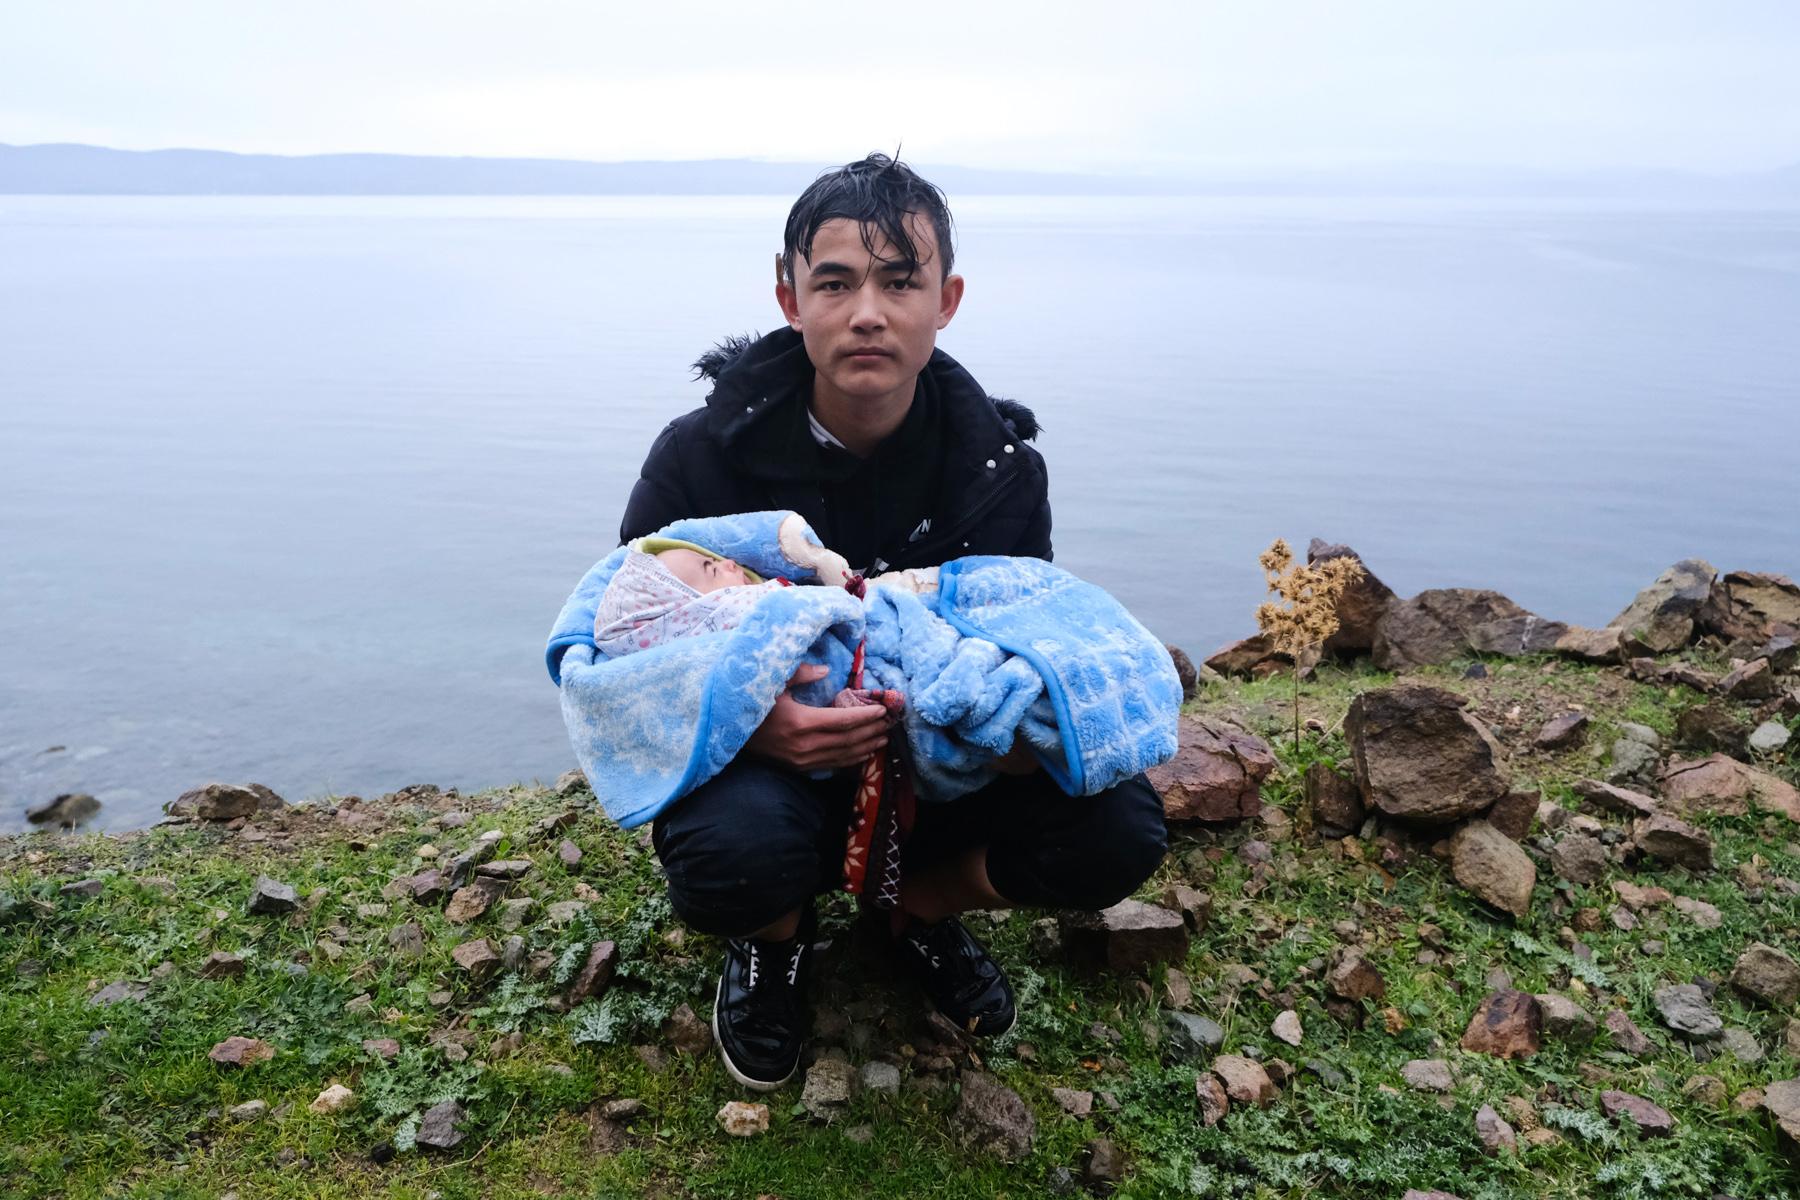 Ένας μετανάστης κρατά ένα μωρό στην άκρη του δρόμου, περπατώντας από το χωριό Σκάλα Συκαμιάς, στο νησί της Λέσβου.    Πέμπτη 5 Μαρτίου 2020.